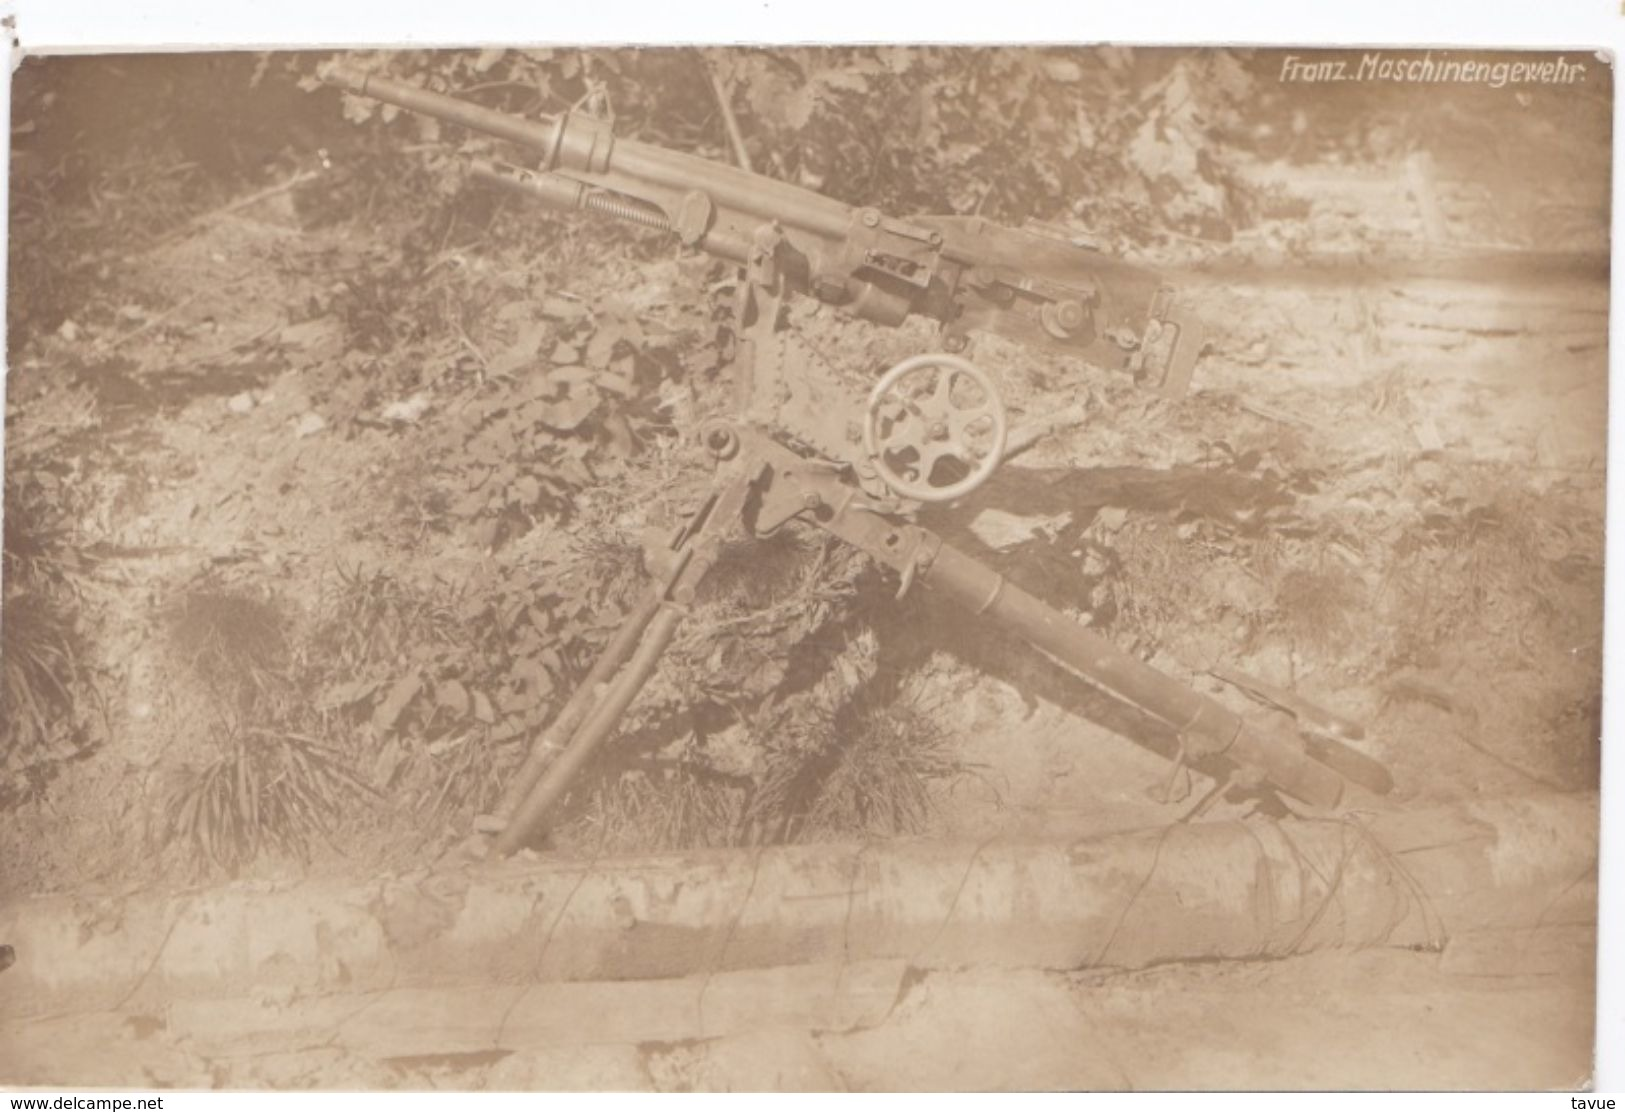 Alte Ansichtskarte Aus Dem WK I -Französisches Maschinengewehr- - Ausrüstung